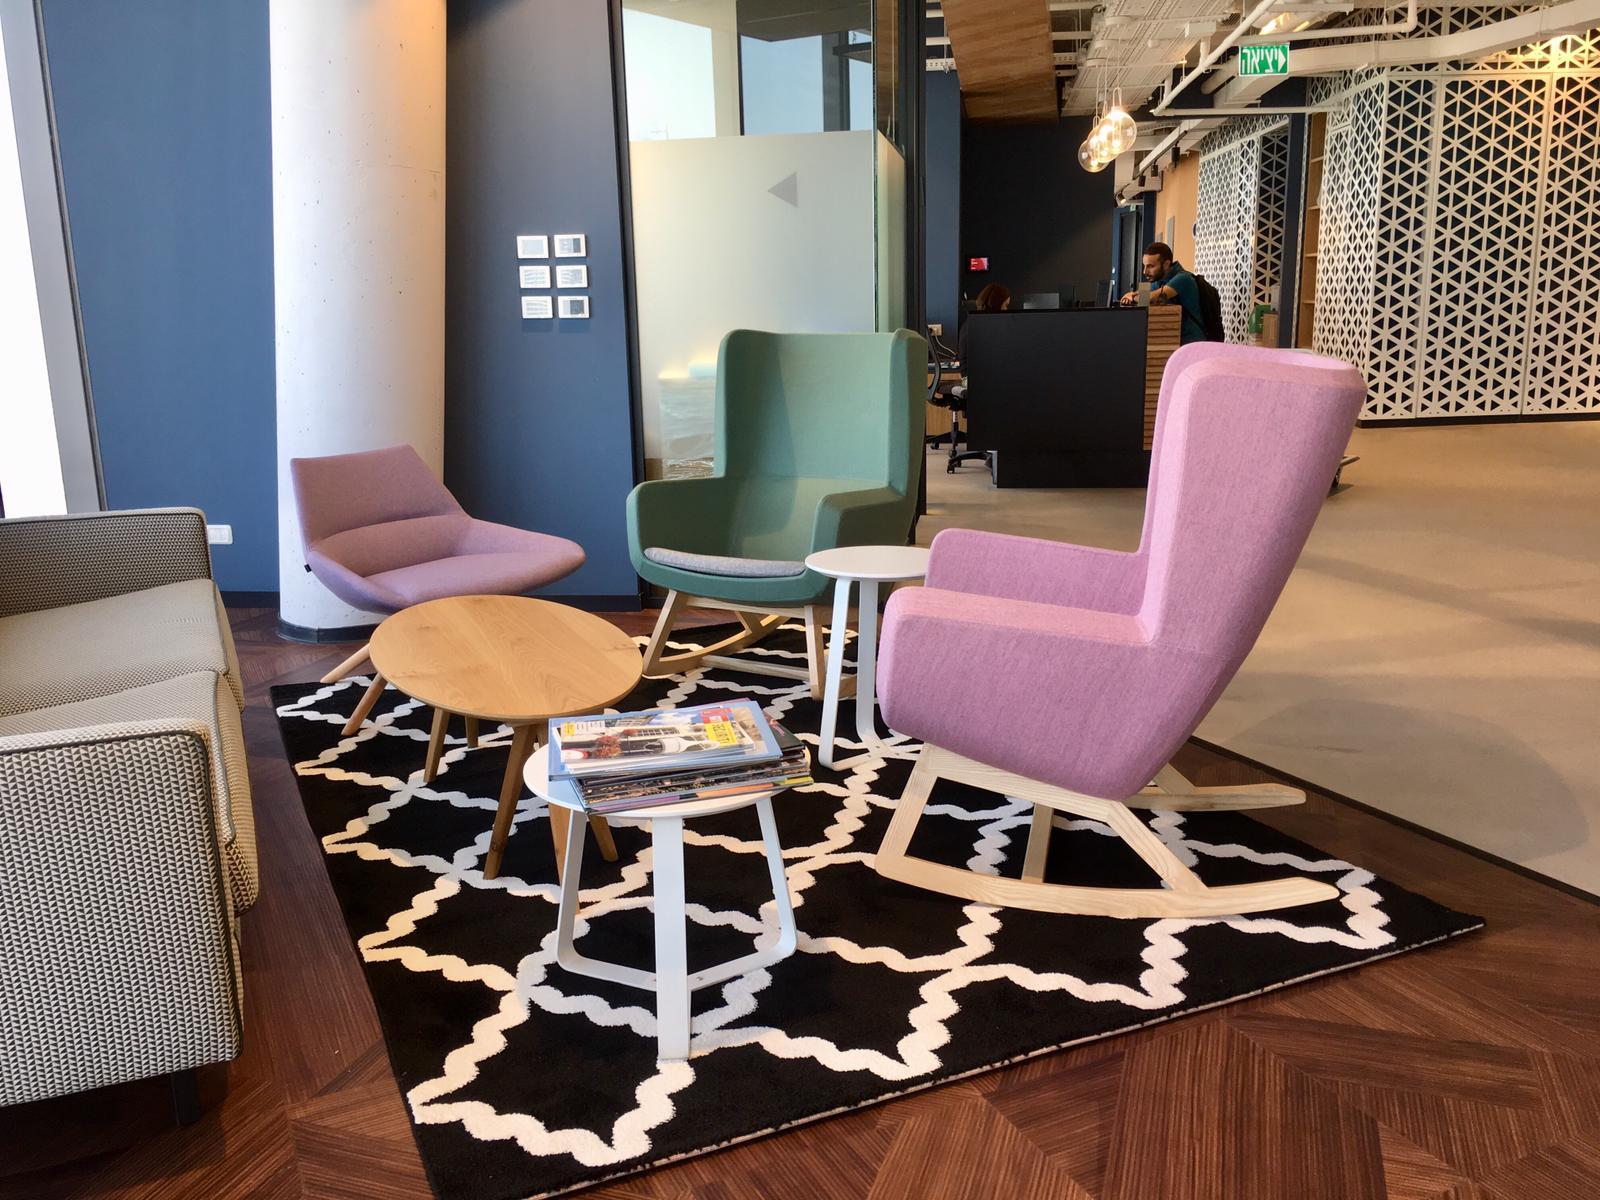 כורסאות ARCA SWING, כורסת DUNAS, שולחן קפה MIX, שולחן קפה STIKS